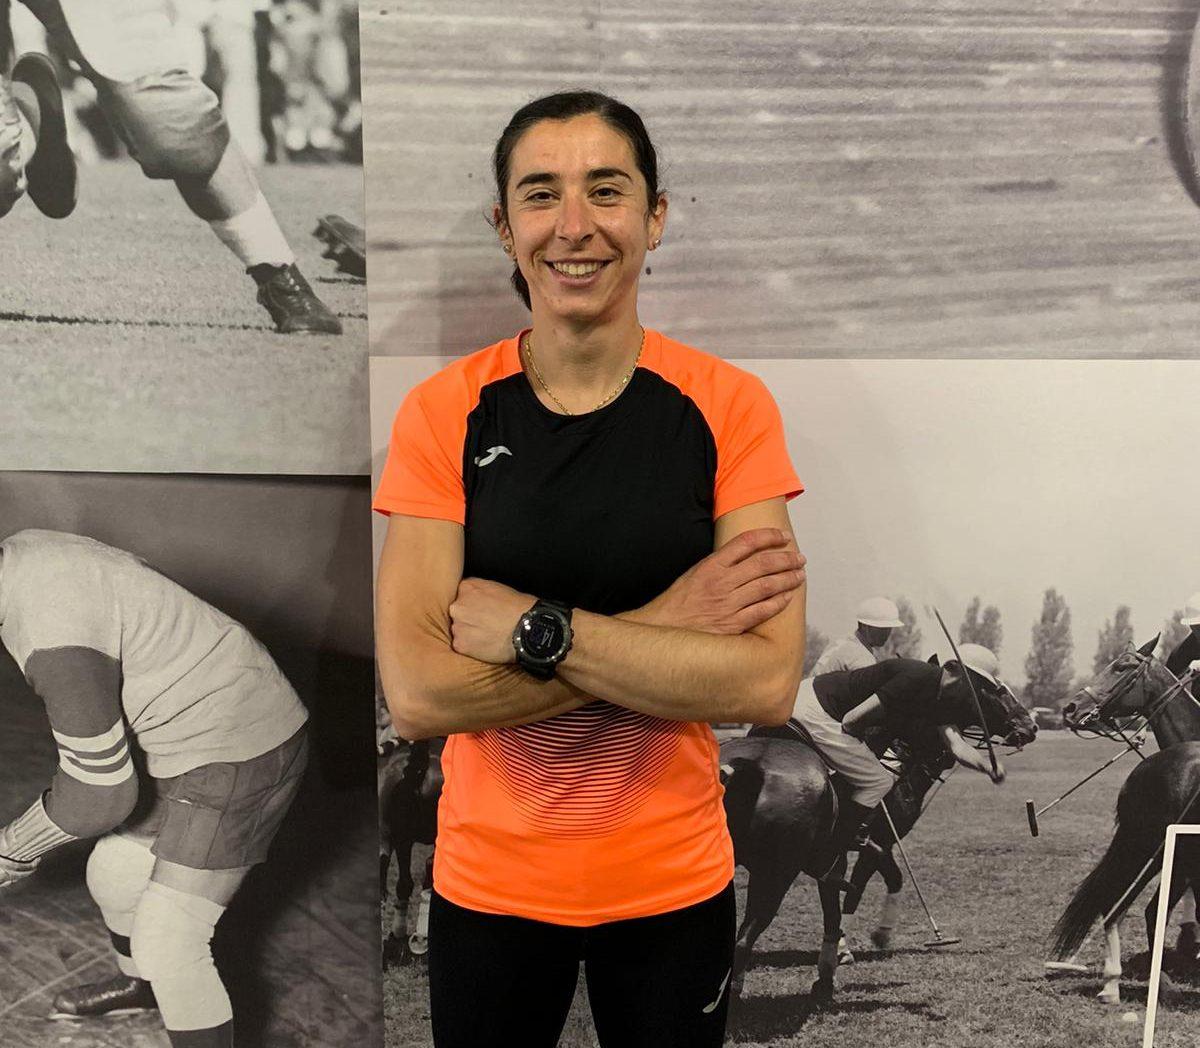 Trainext-Entrenadora personal en Zaragoza